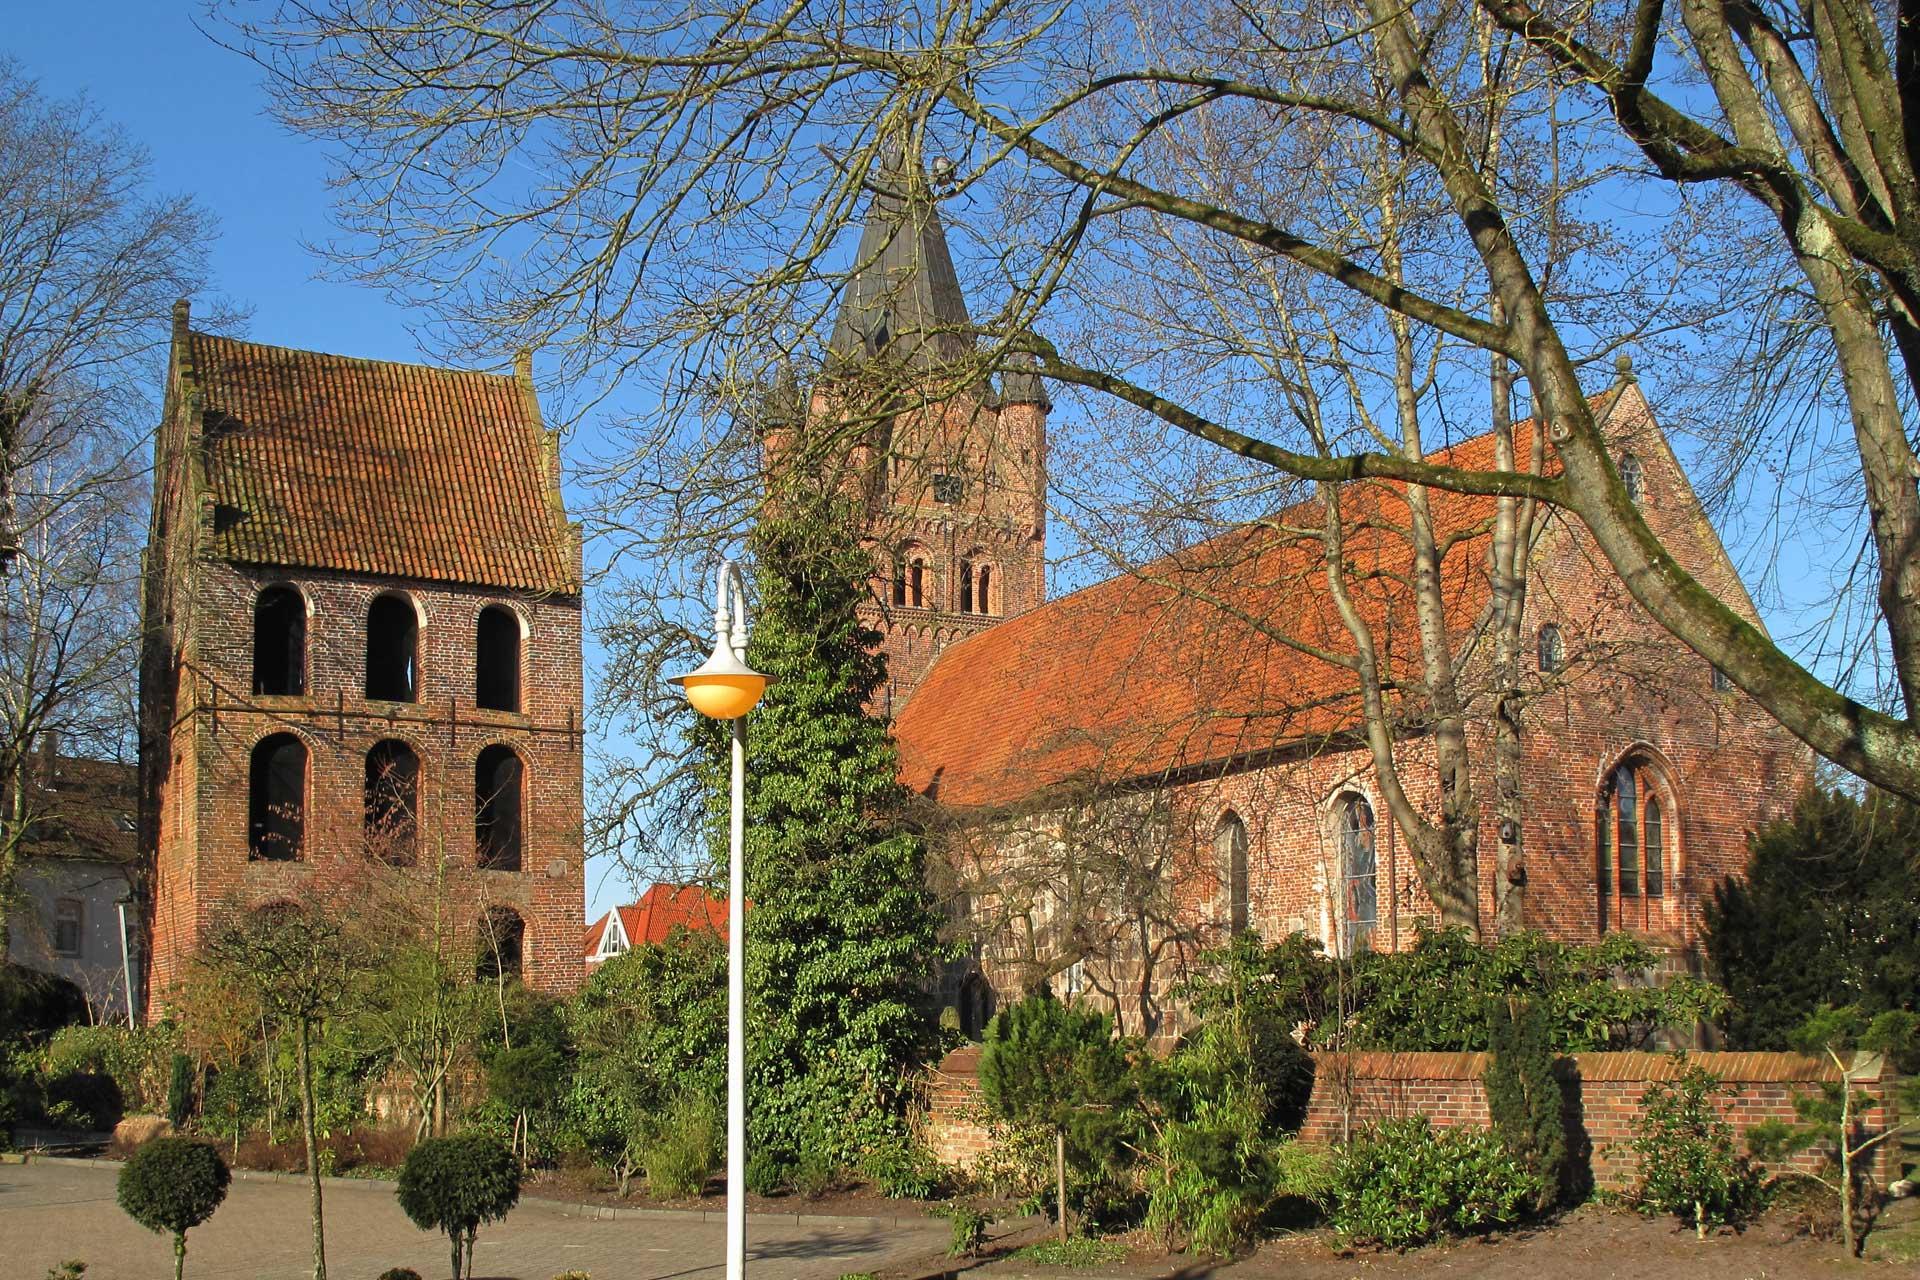 Kirche in Westestede - Arrangements für Urlauber